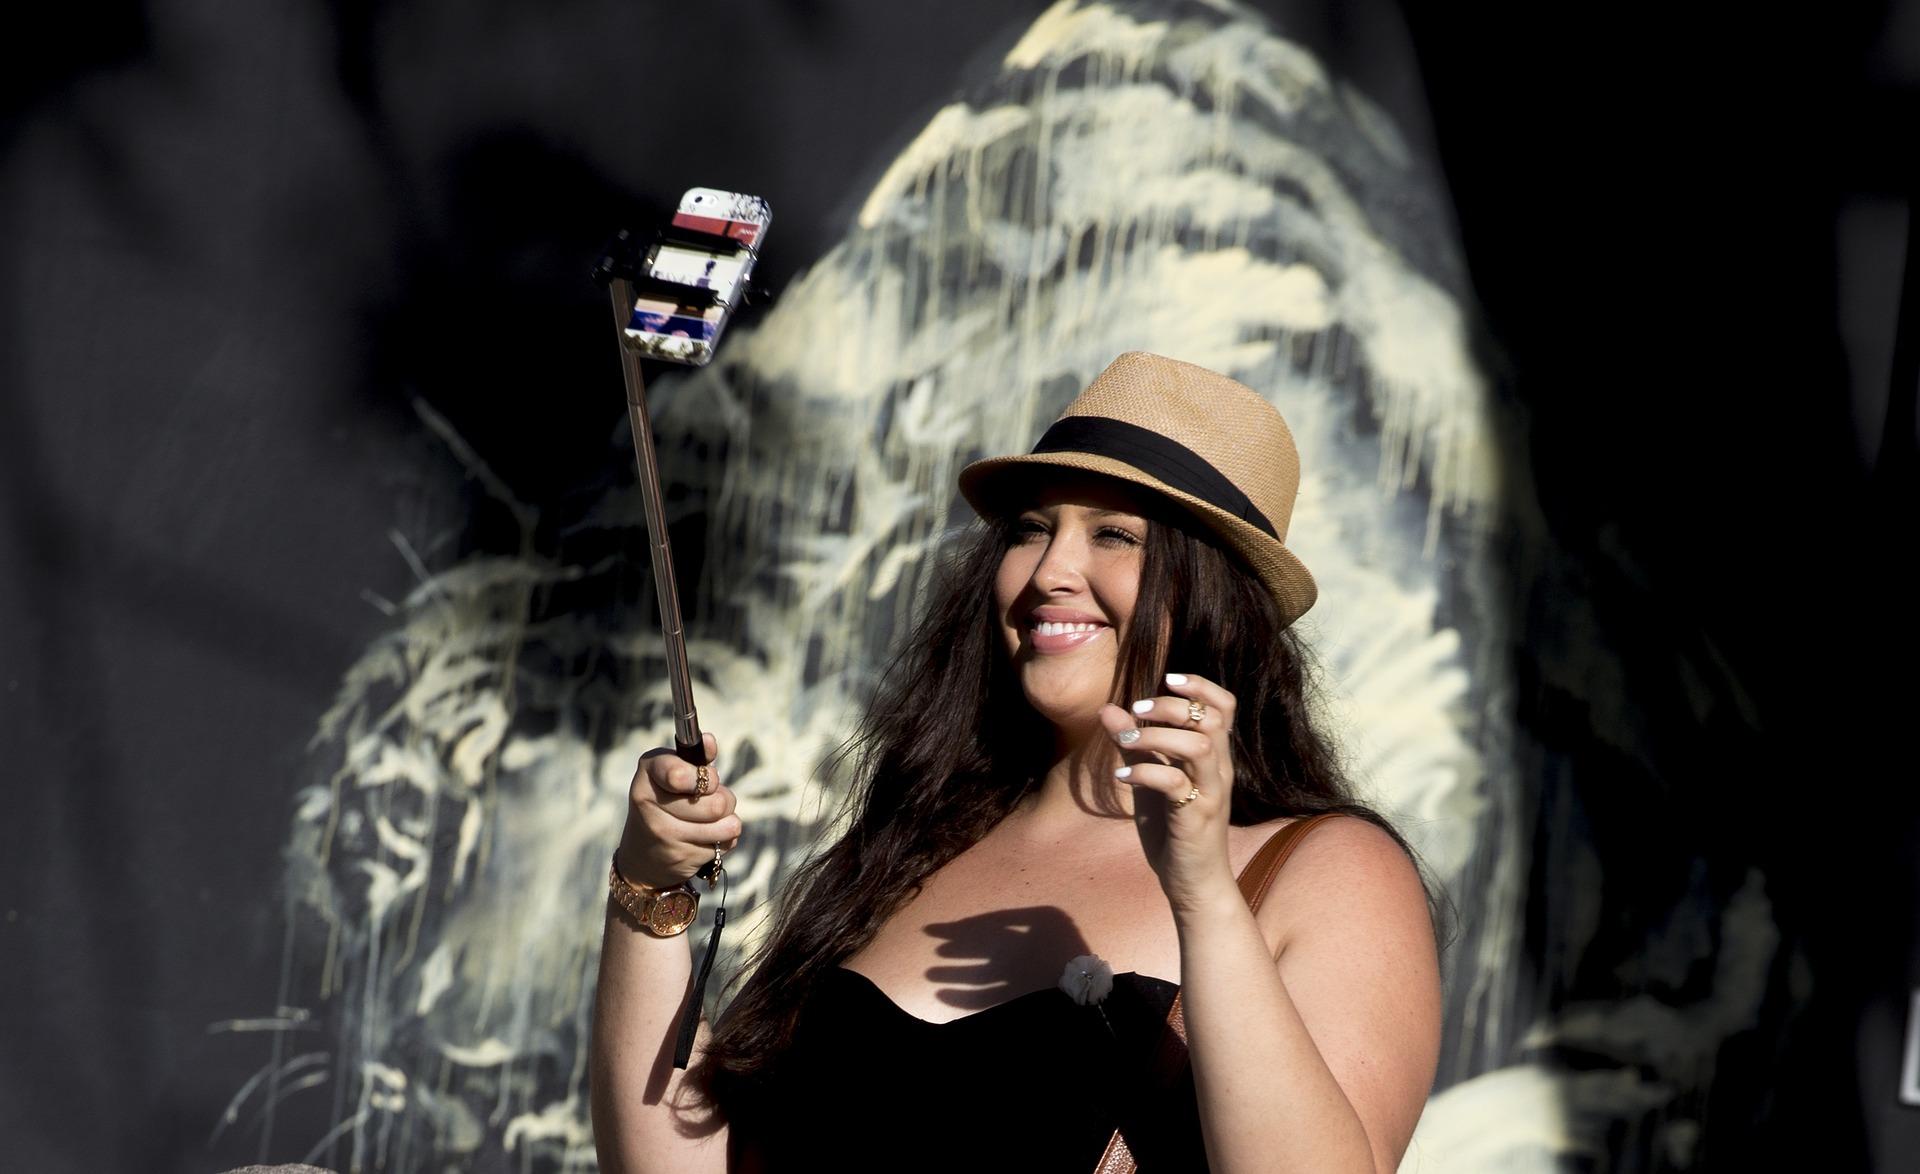 selfie stick, accessoire de voyage, article de voyage, voyage sac à dos